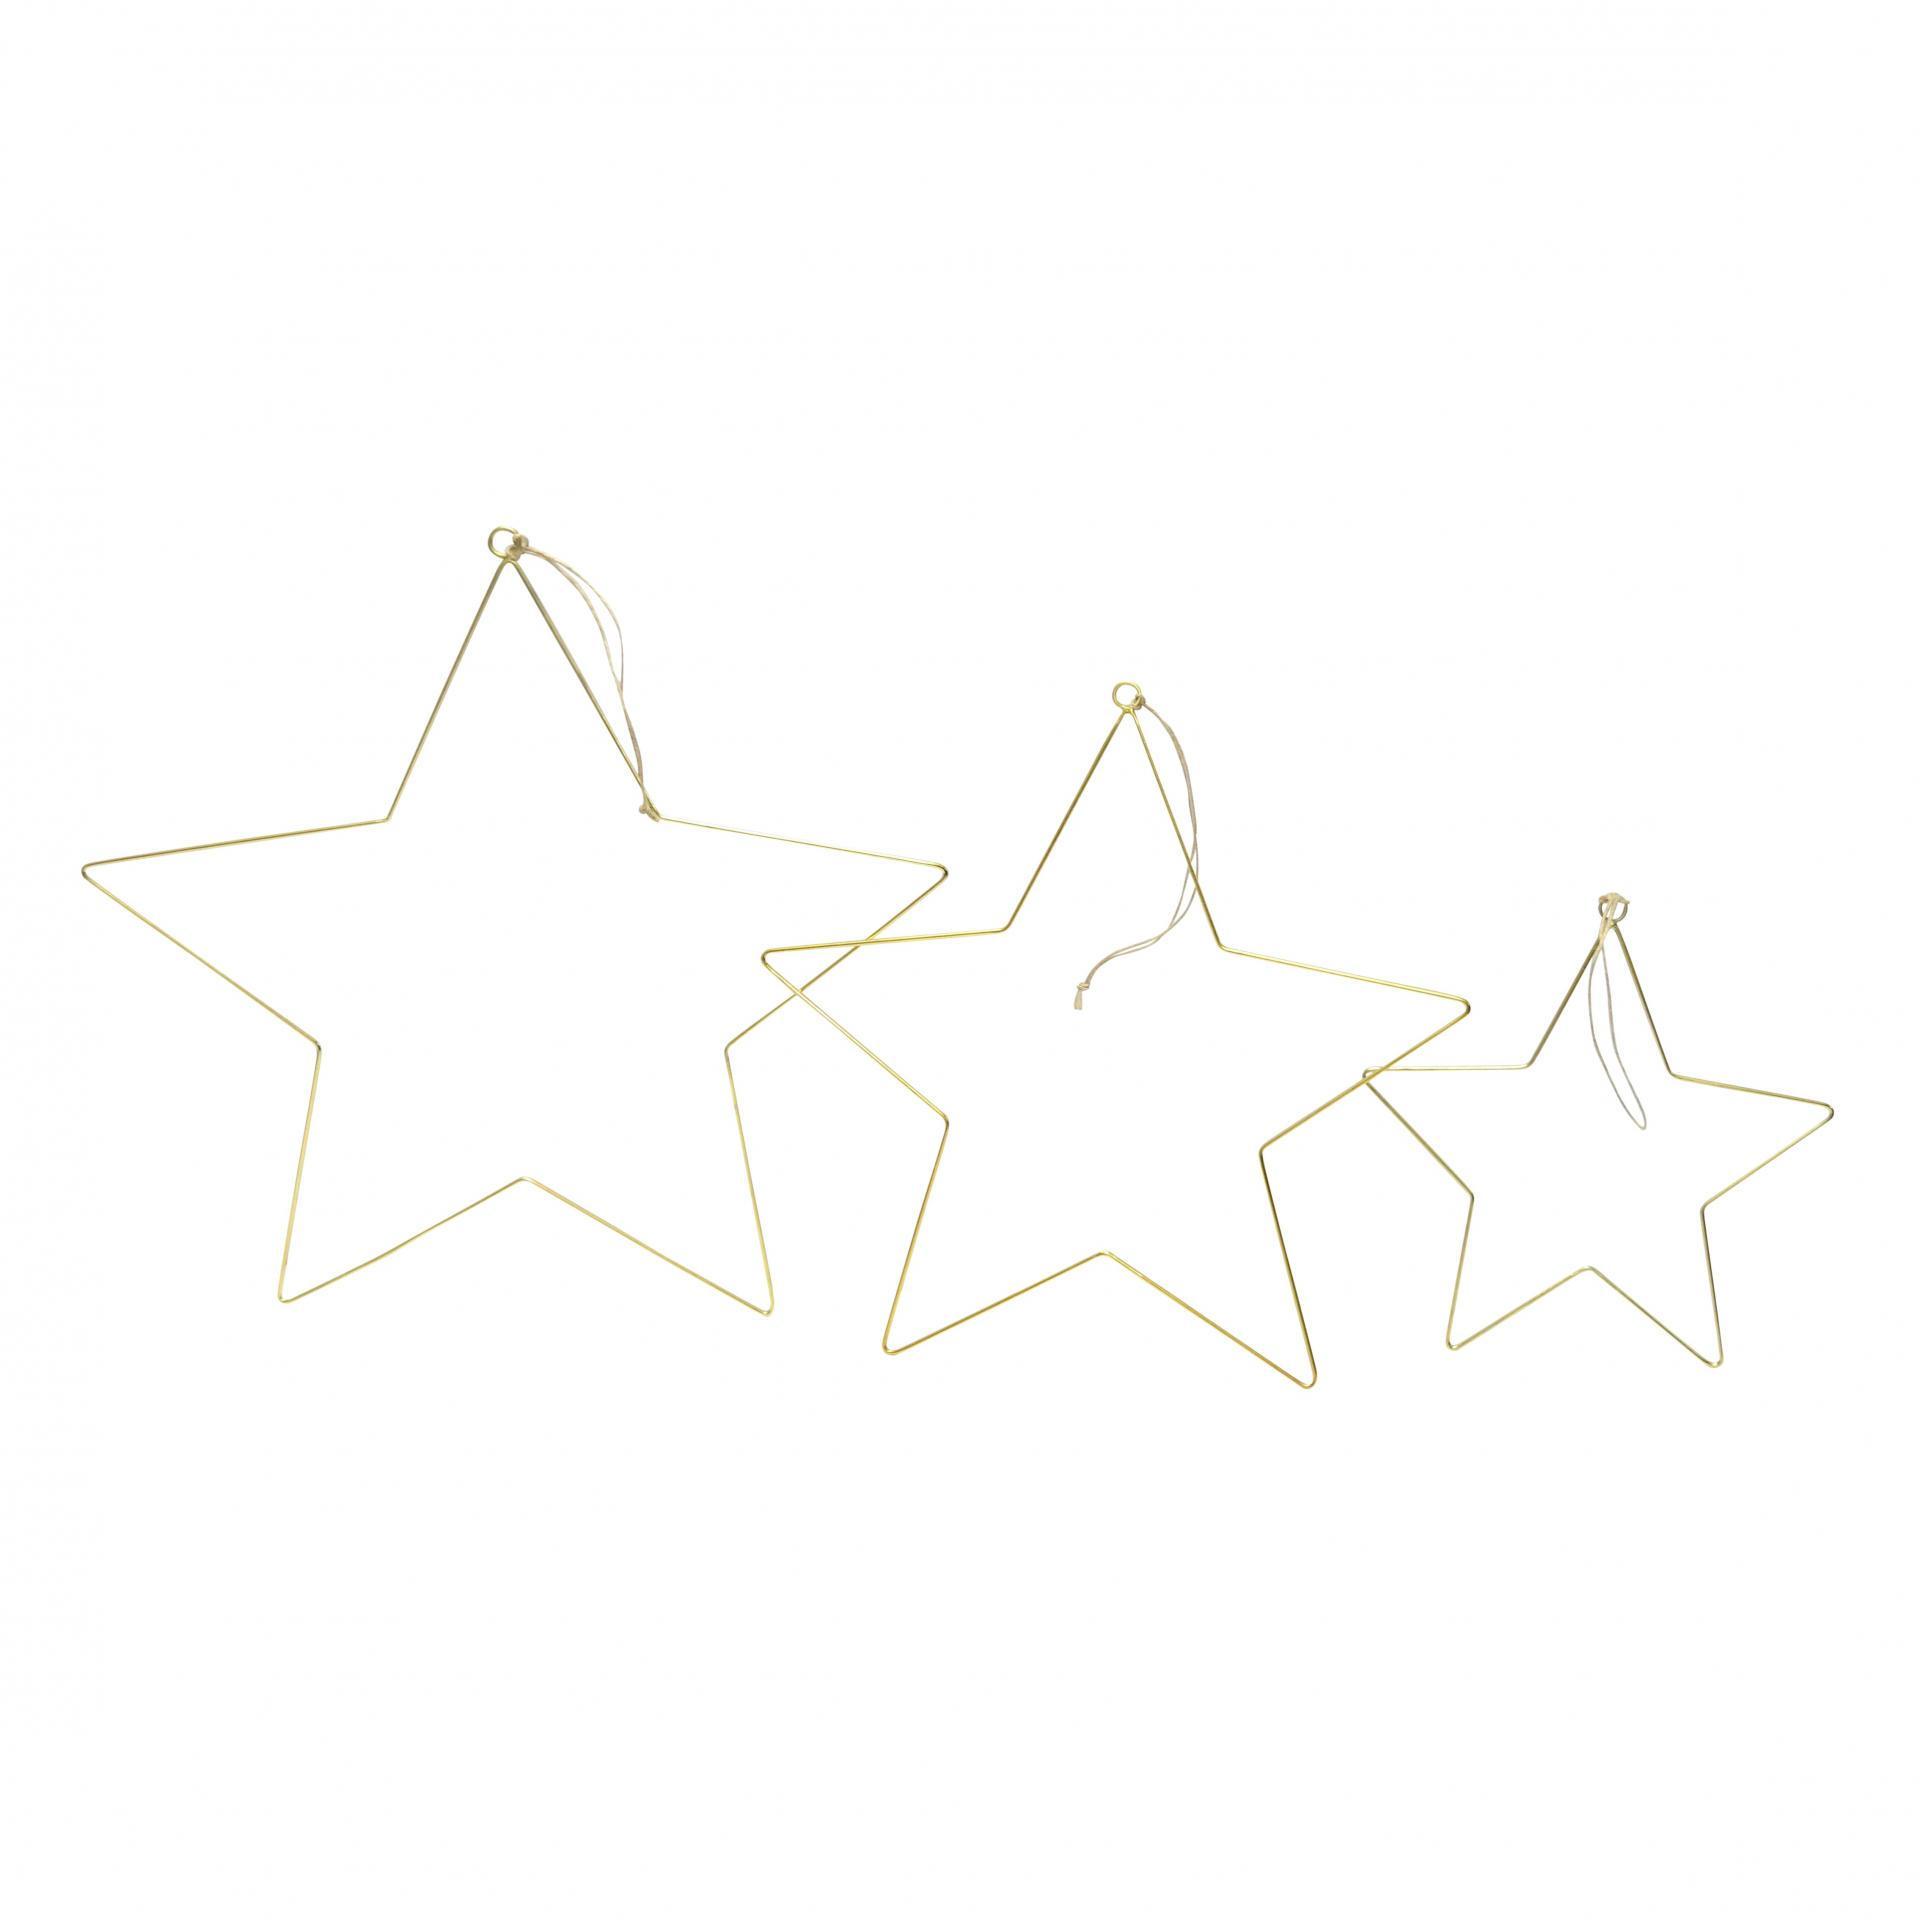 Krasilnikoff Závěsná hvězda Brass Malá (S), zlatá barva, kov